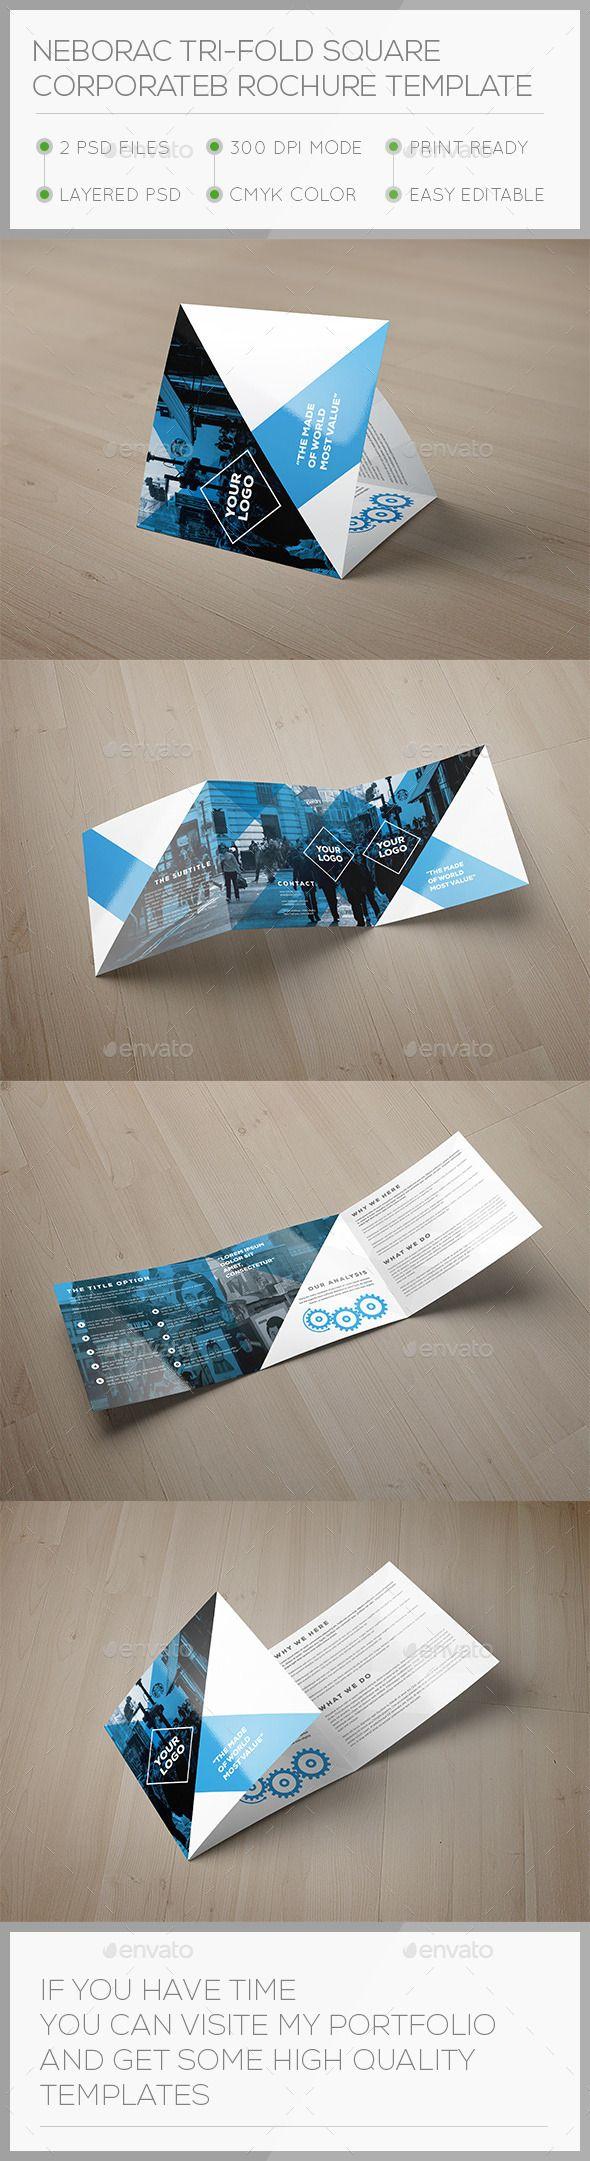 Nerorac Tri-fold Square Brochure Template #design #broschüre Download: http://graphicriver.net/item/nerorac-trifold-square-brochure-template/12499669?ref=ksioks